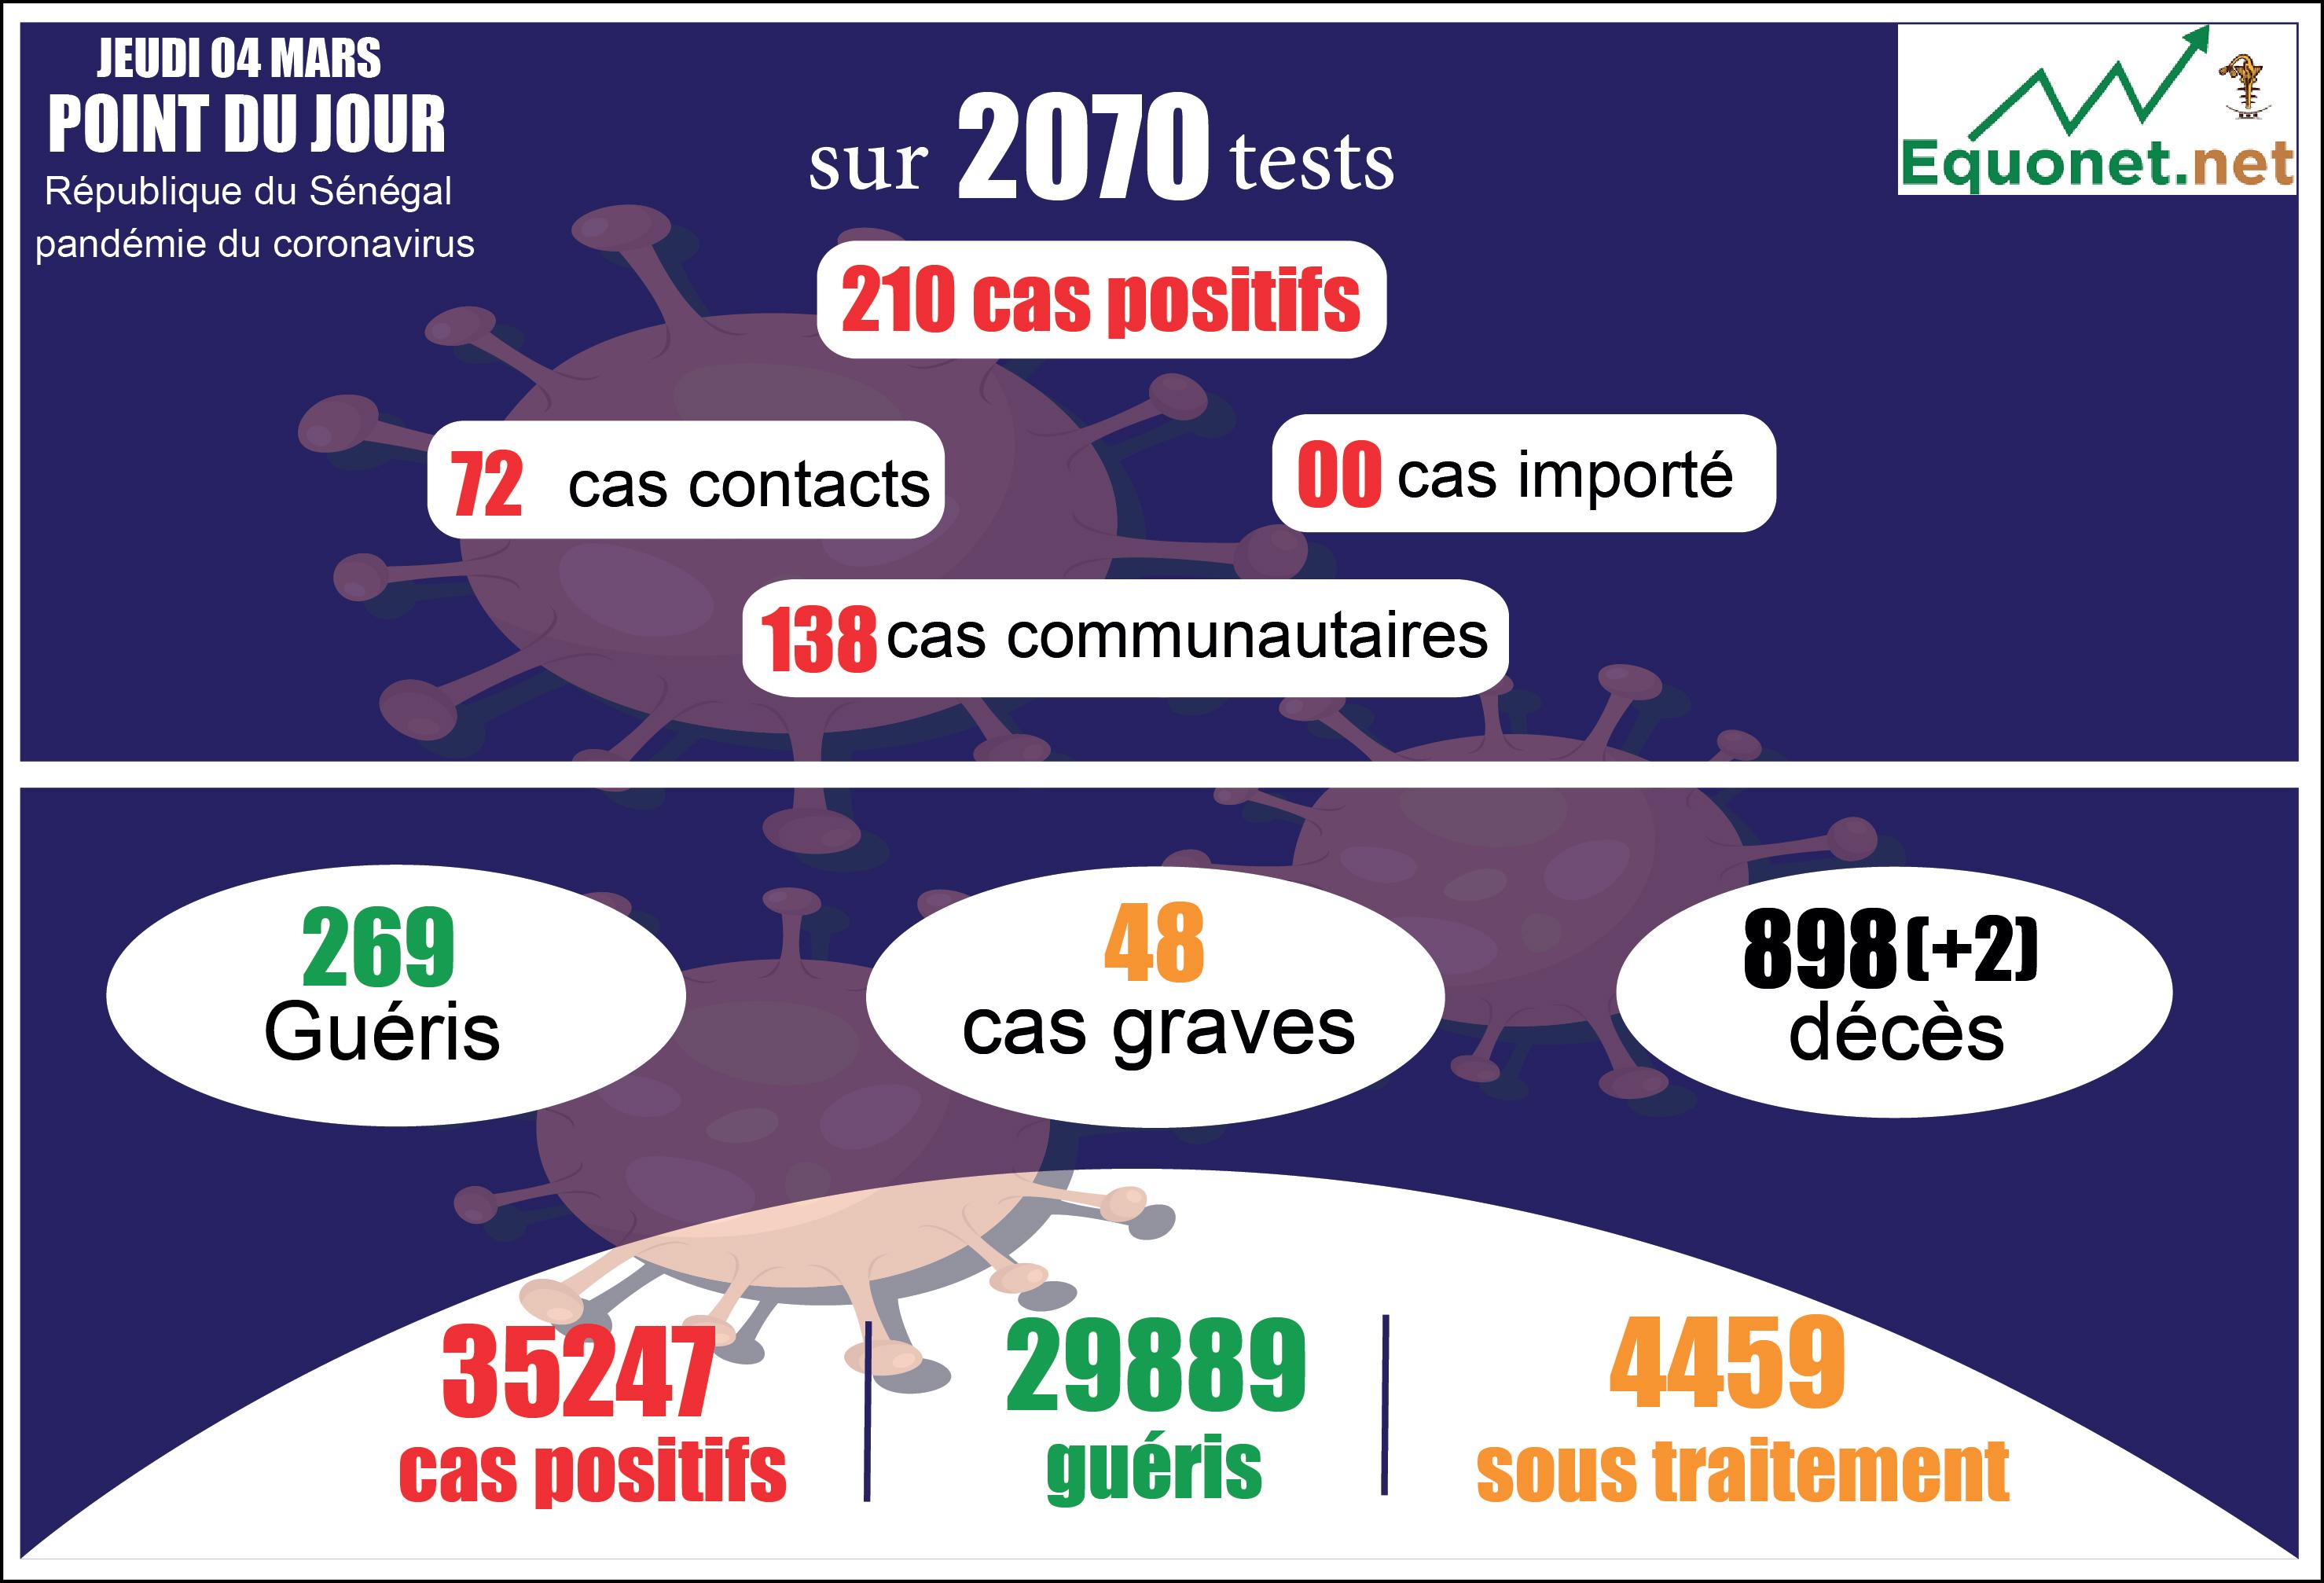 pandémie du coronavirus-covid-19 au sénégal : 138 cas communautaires et 2 décès enregistrés ce jeudi 04 mars 2021